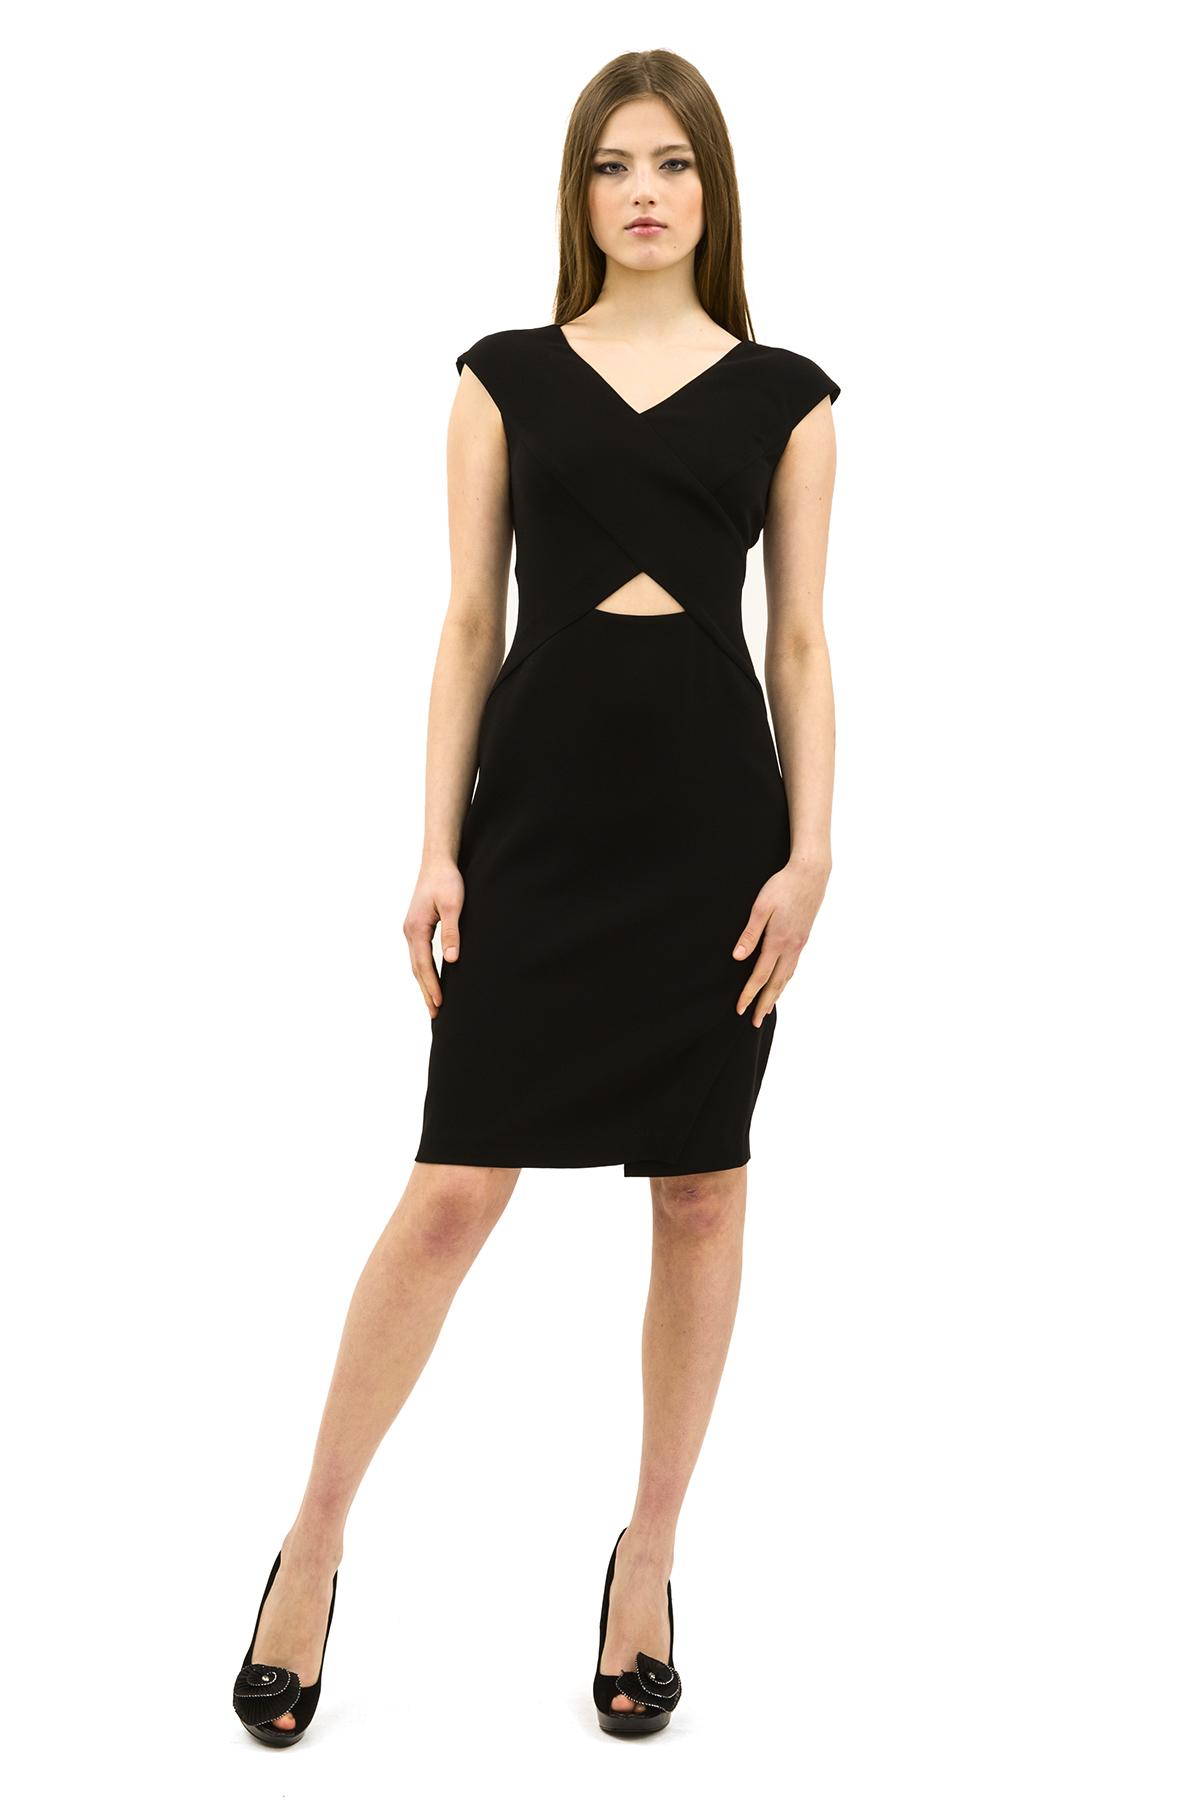 ПлатьеПлатья,  сарафаны<br>Эффектное платье актуальной расцветки.Изделие с оригинальным вырезом в области талии. Модель станет замечательным дополнением к Вашему гардеробу.<br><br>Цвет: черный<br>Состав: 100% полиэстер<br>Размер: 40,42,44,46,48,50,52,54,56,58<br>Страна дизайна: Россия<br>Страна производства: Россия